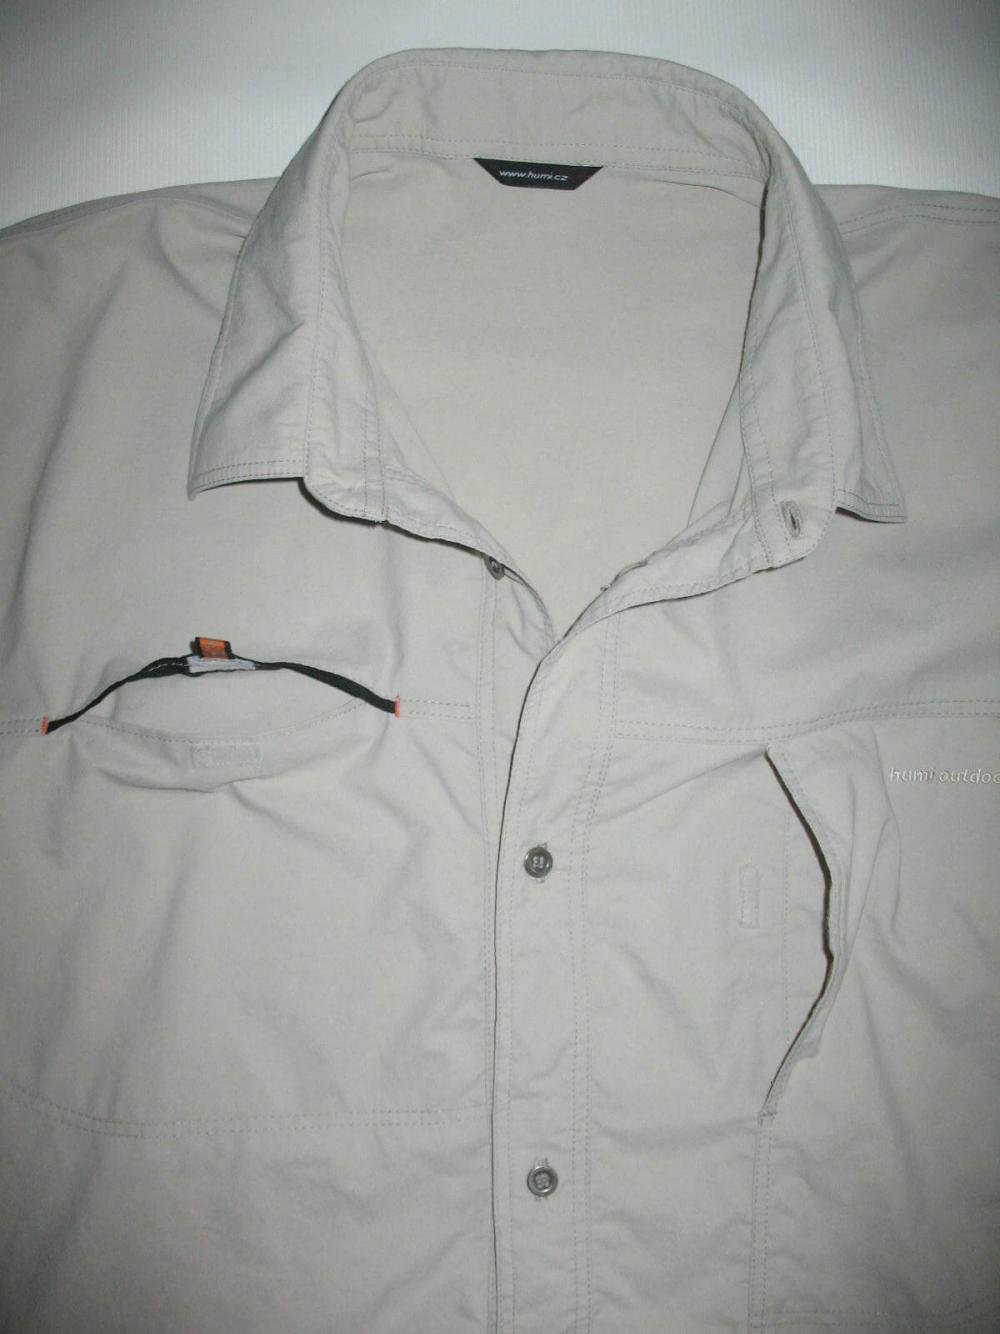 Рубашка HUMI outdoor shirts (размер XXL/XXXL) - 2